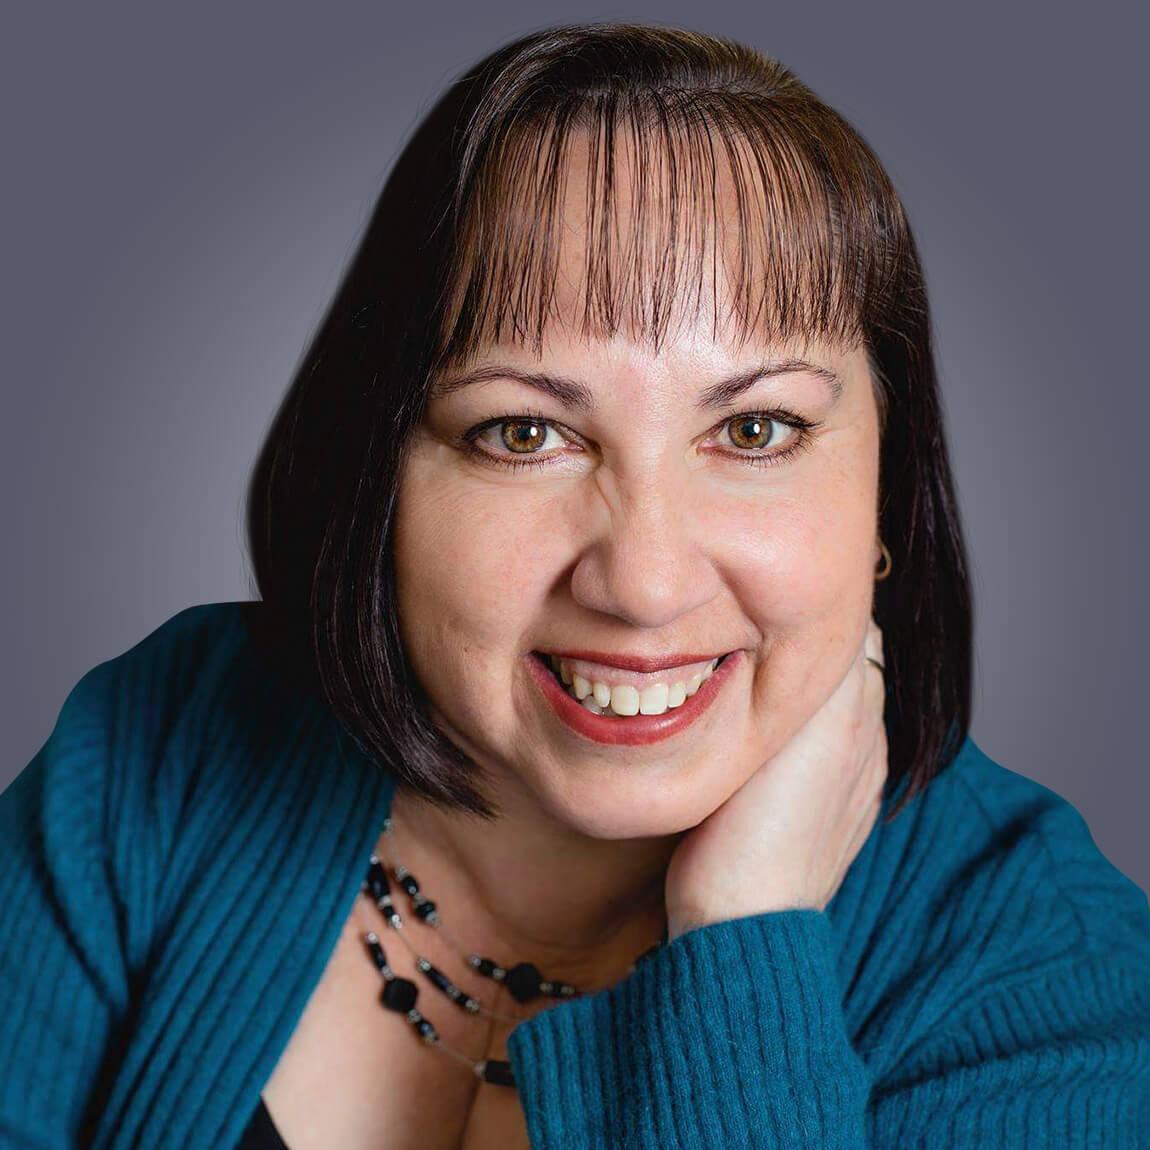 Tina Jasion Pic